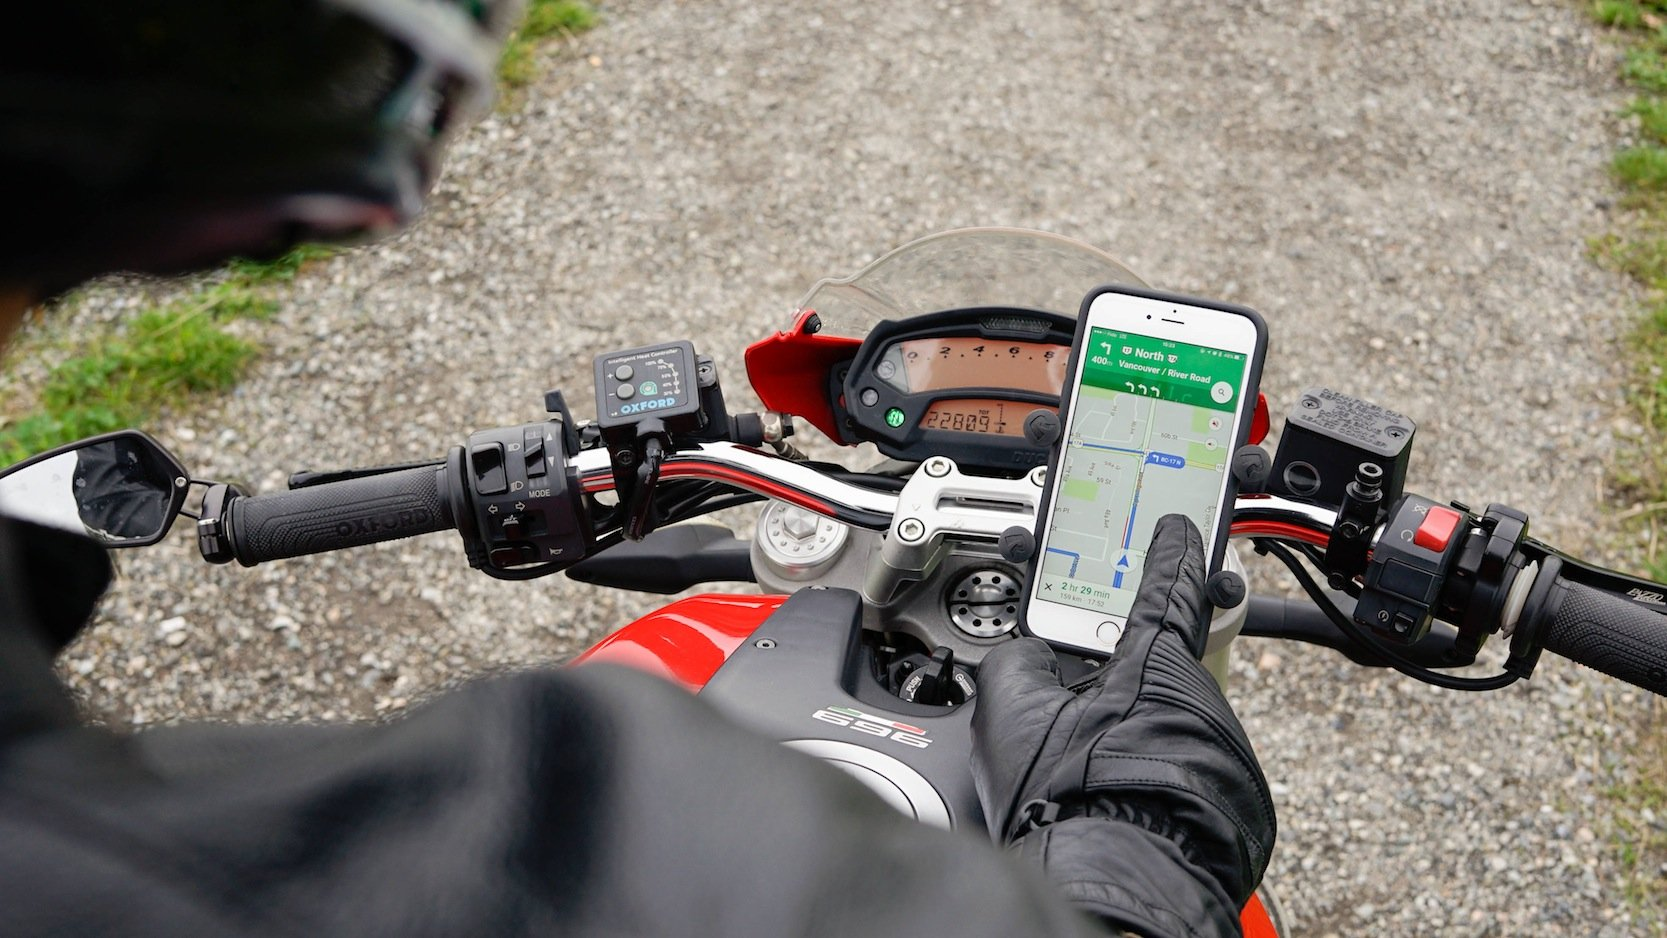 Selbst dicke Motorradhandschuhe sind kein Problem mehr, um den Navi im Smartphone zu bedienen, ohne die Handschuhe auszuziehen.